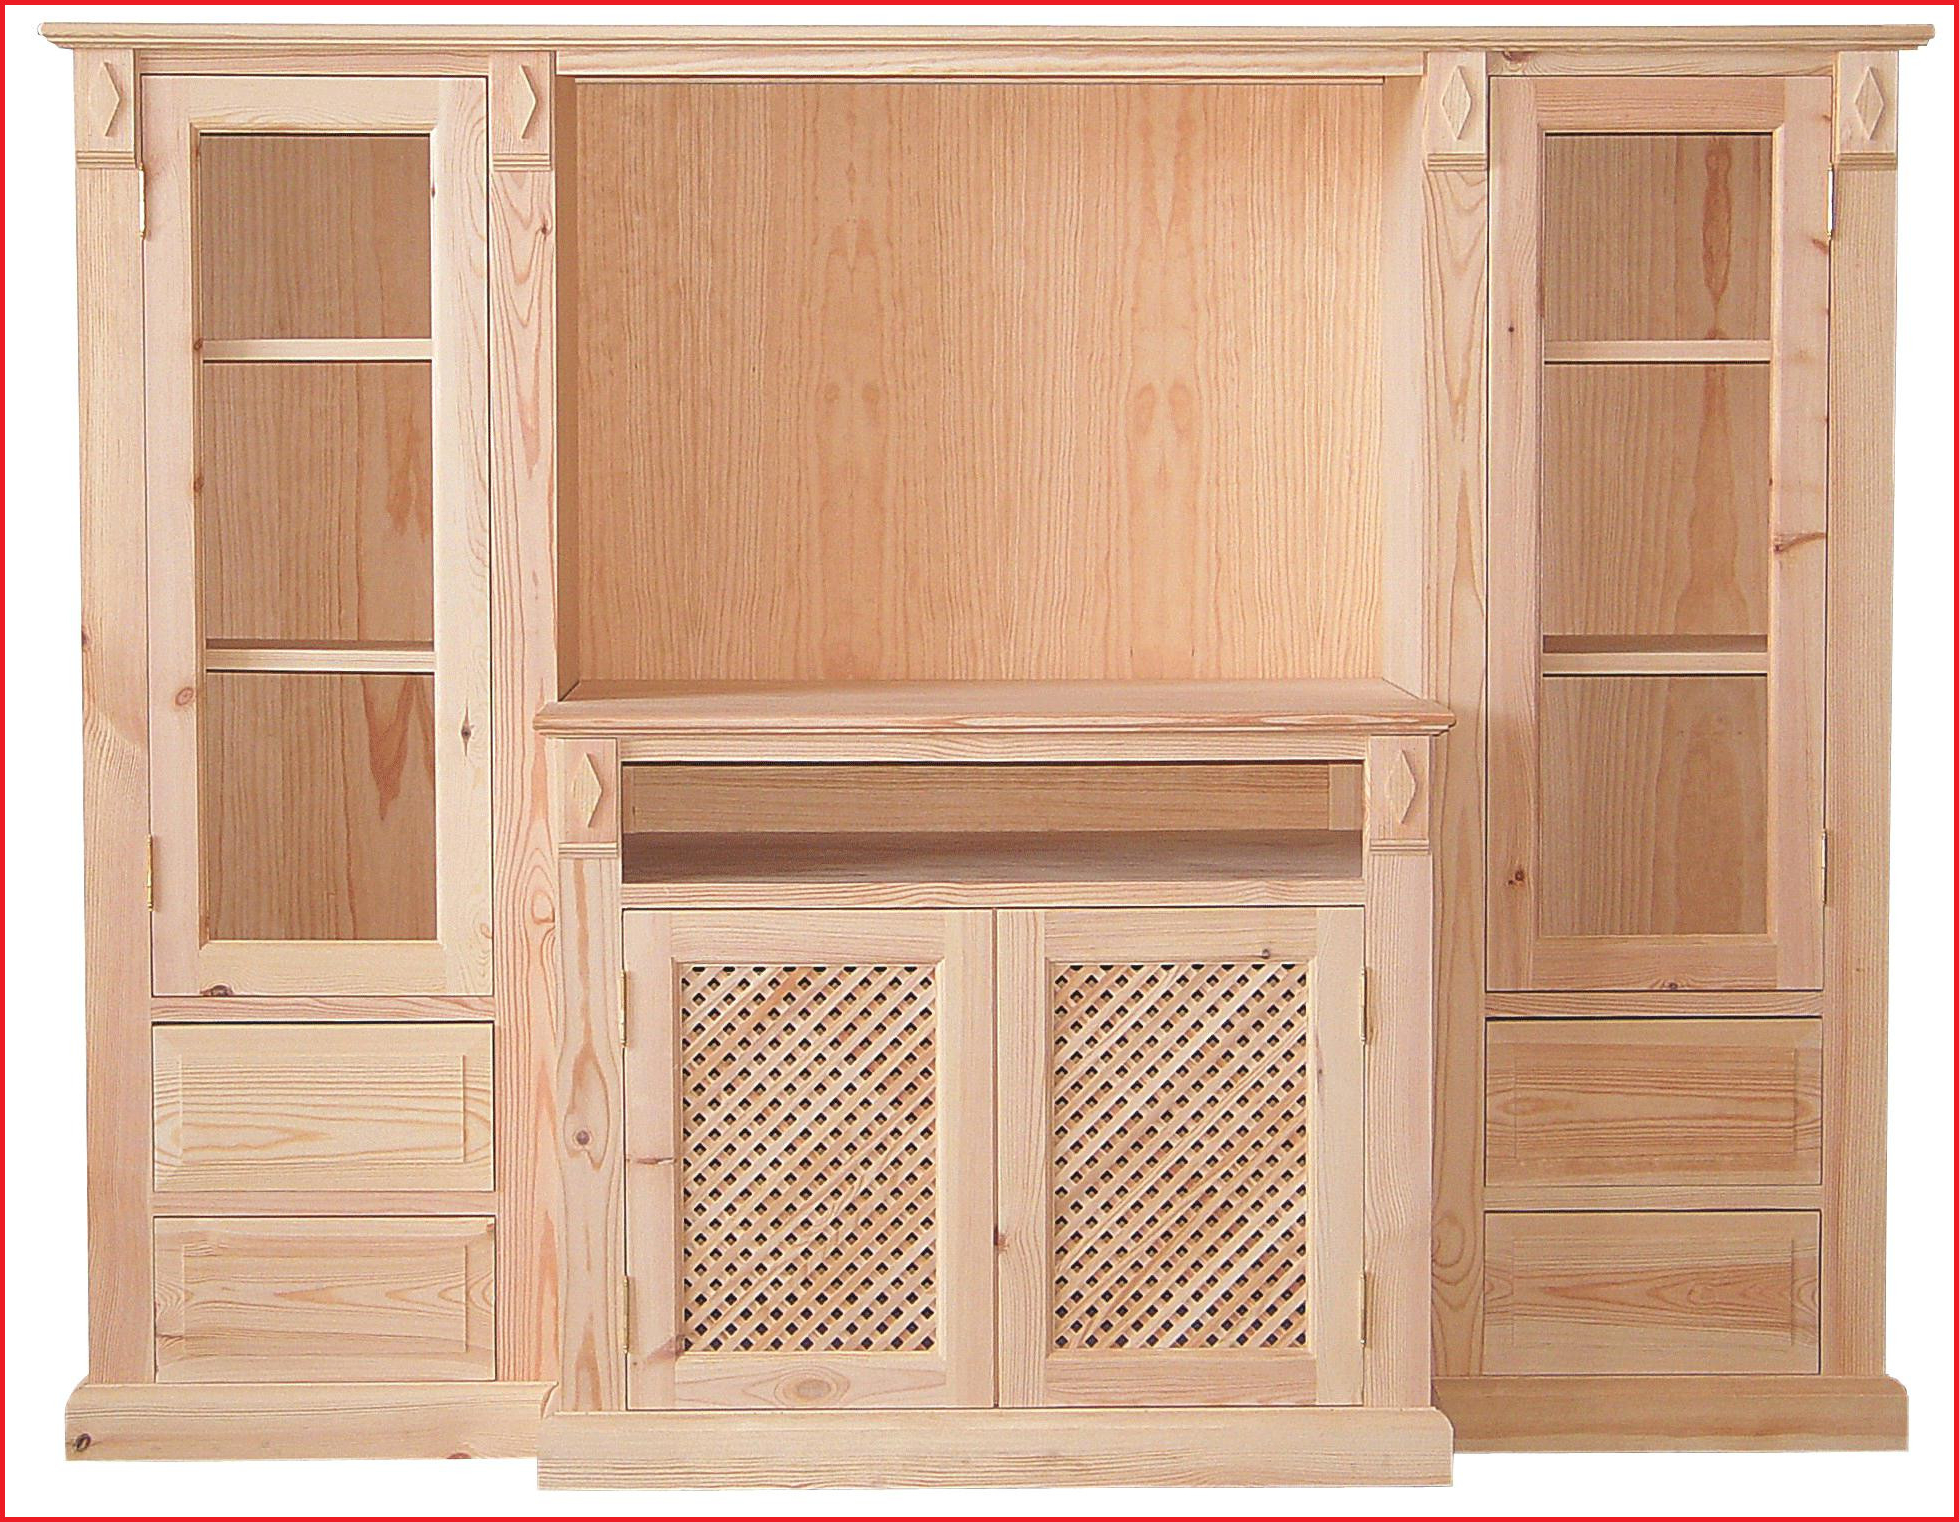 Muebles En Crudo Baratos S5d8 Muebles En Crudo Madrid Muebles En Crudo Madrid Muebles En